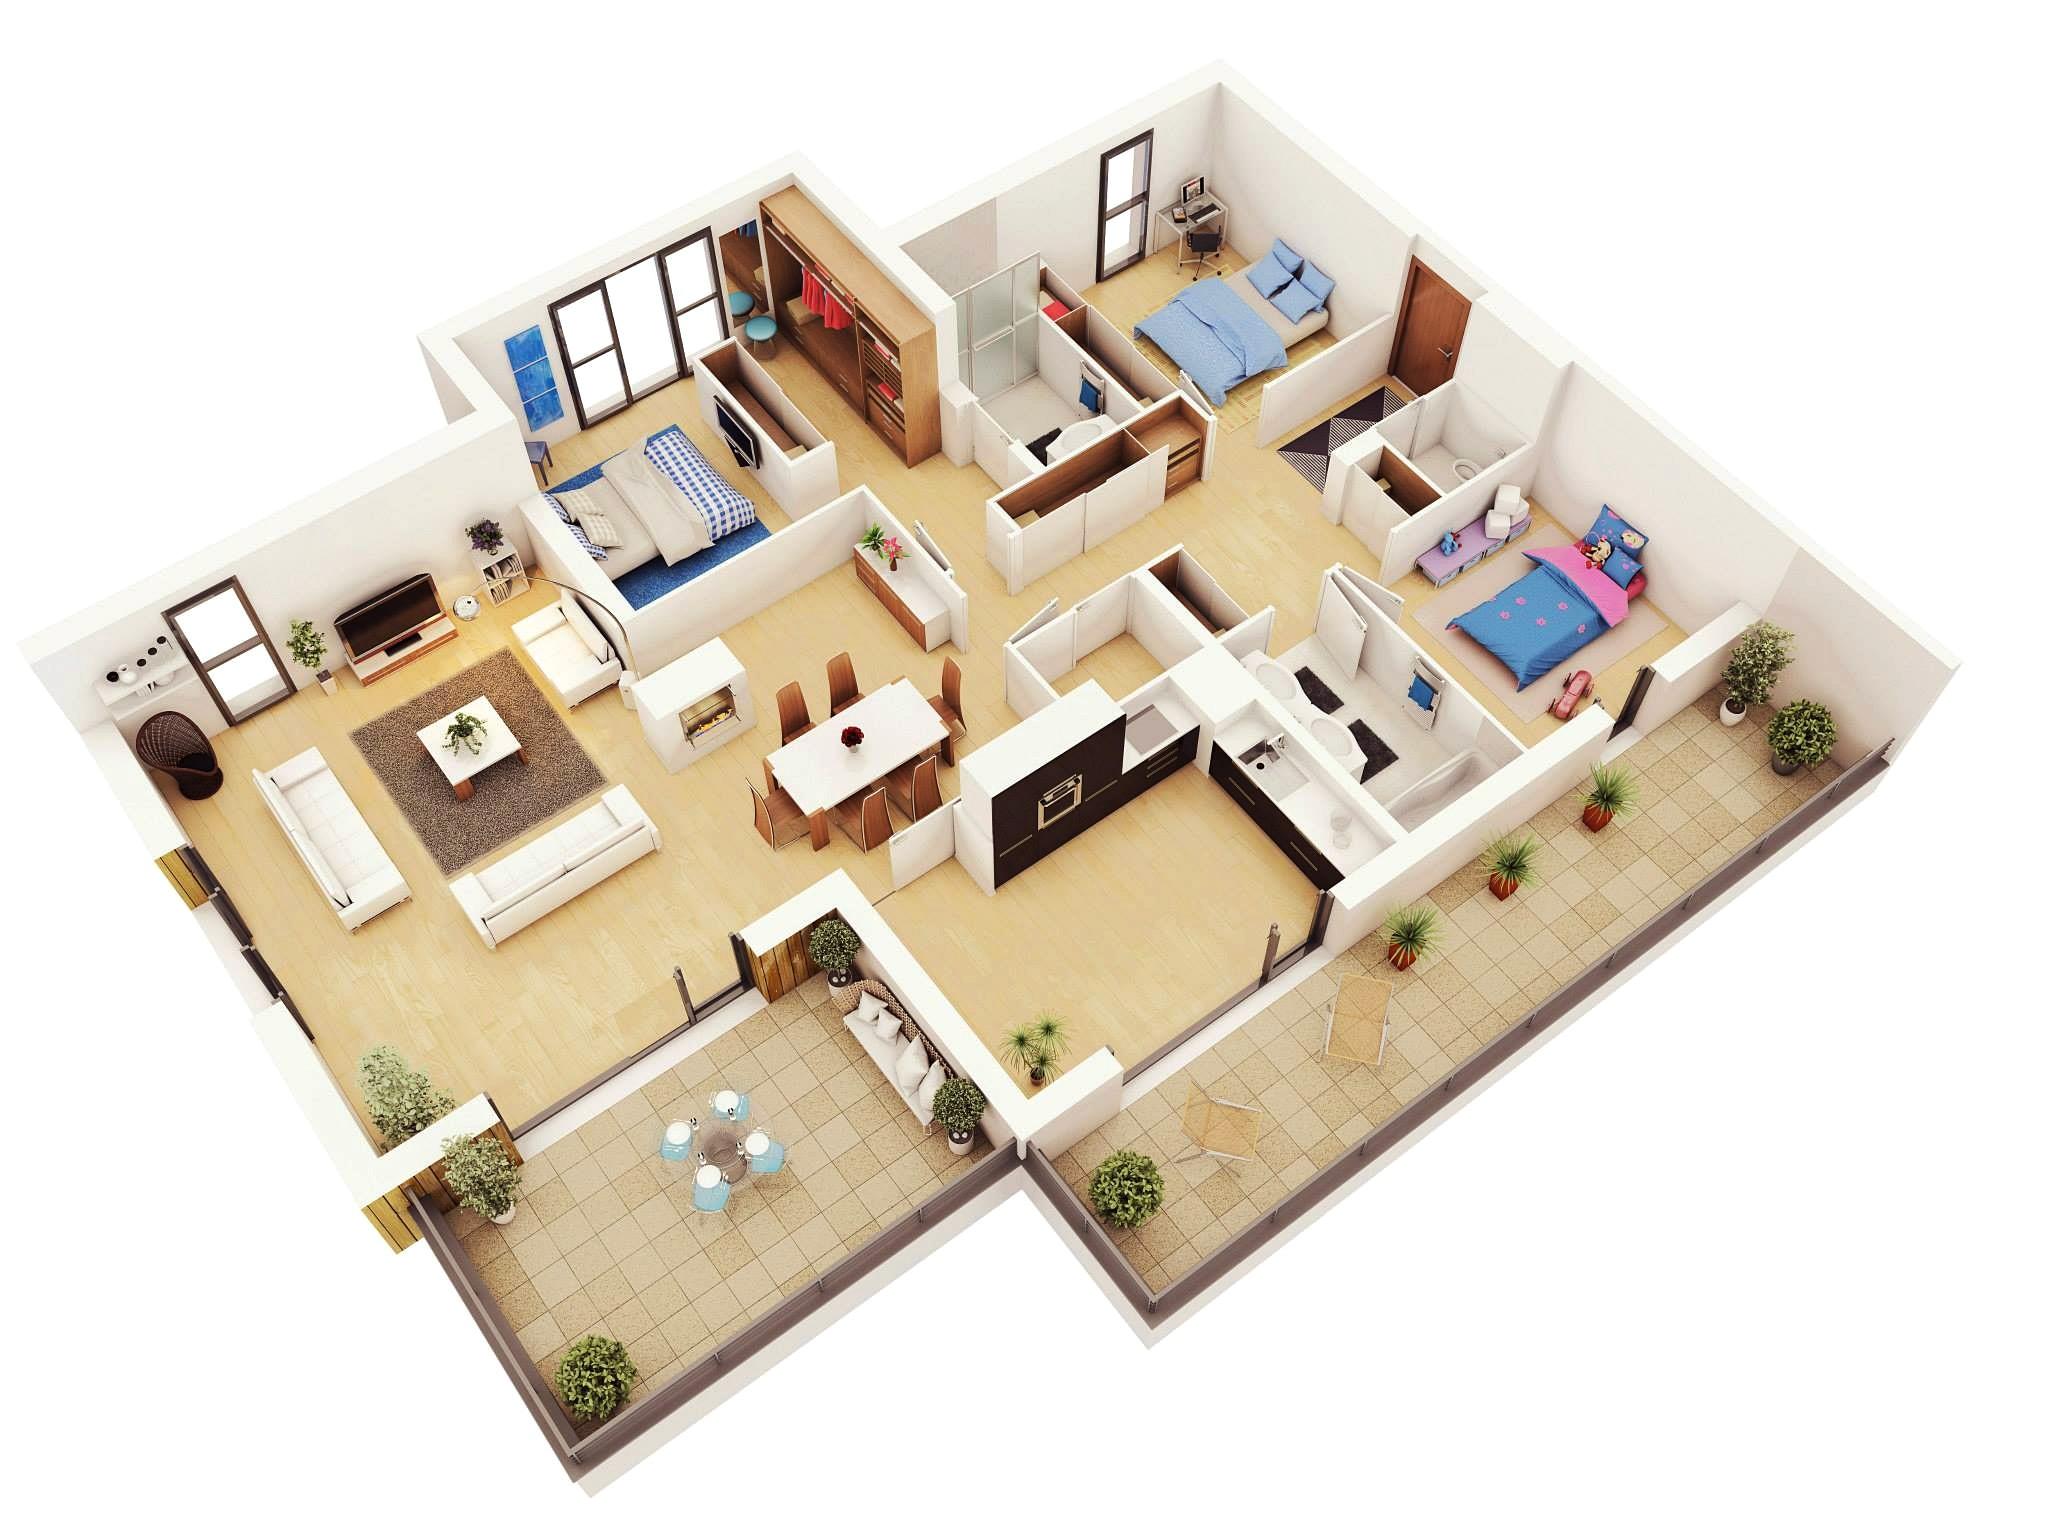 20 denah rumah sederhana 3 kamar tidur 3 dimensi 2017